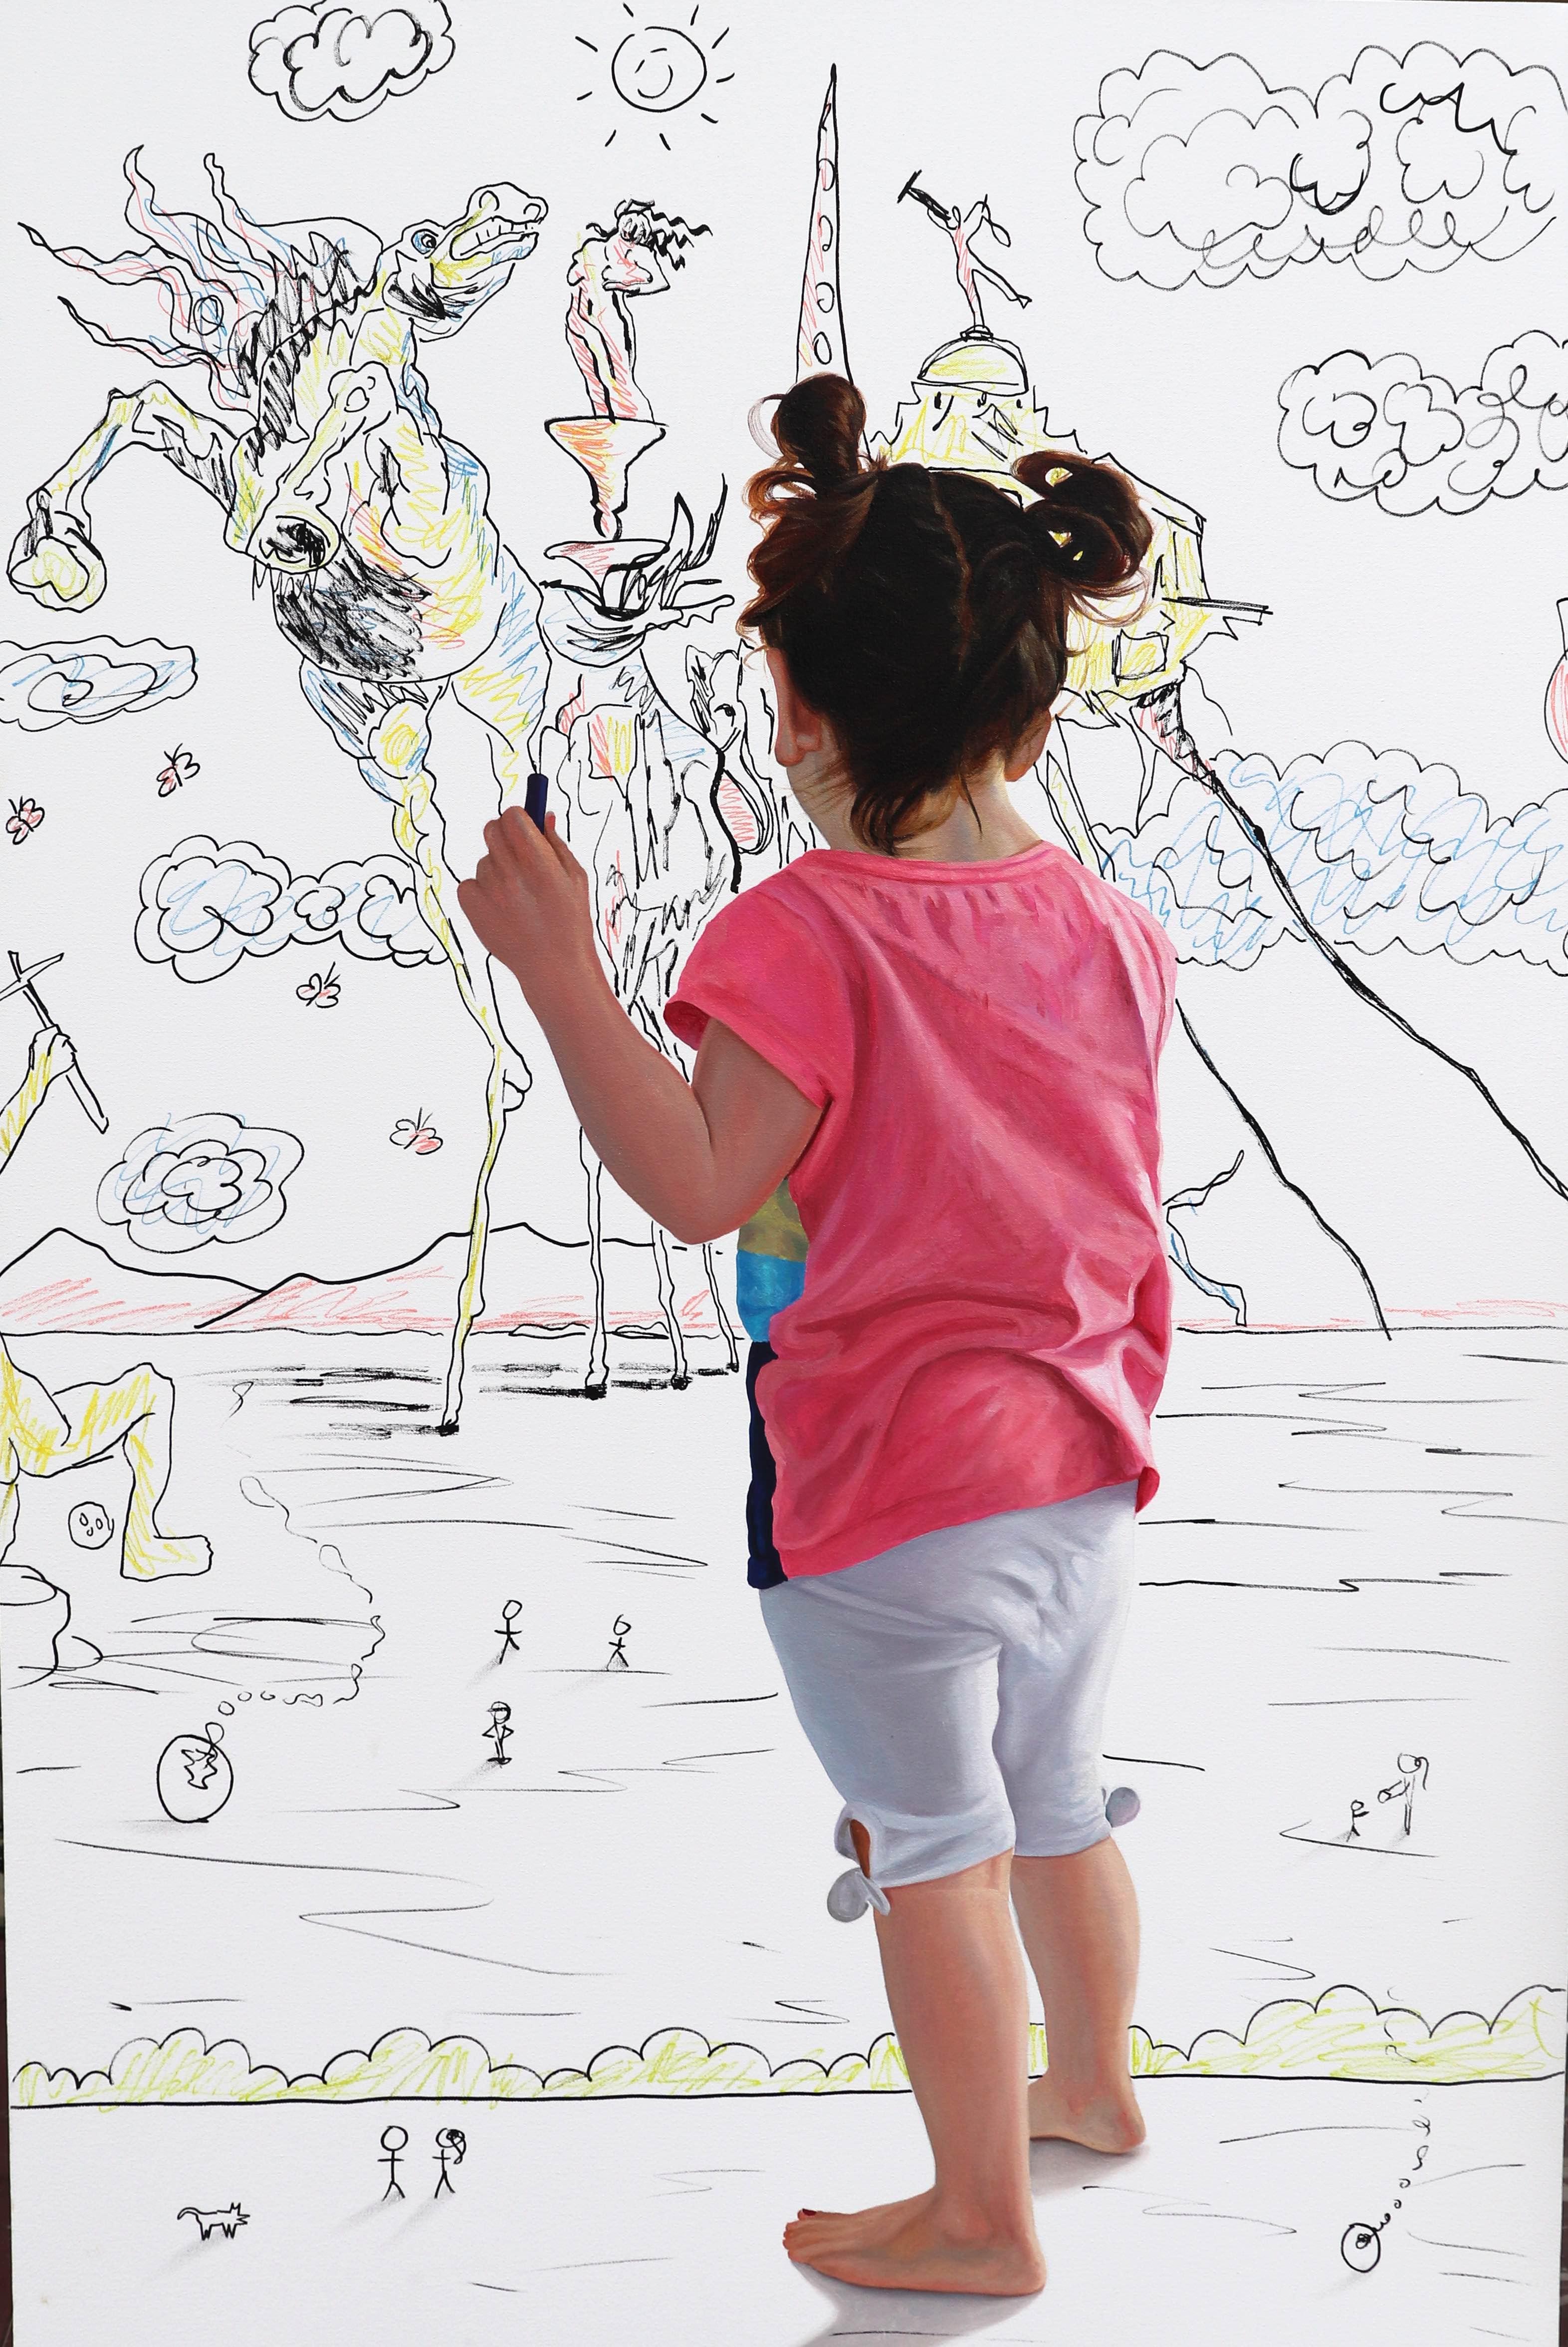 adrian-ibanez-galeria_baja-javier-caraballo-el-arte-es-cosa-de-ninos-130-x-89-cm